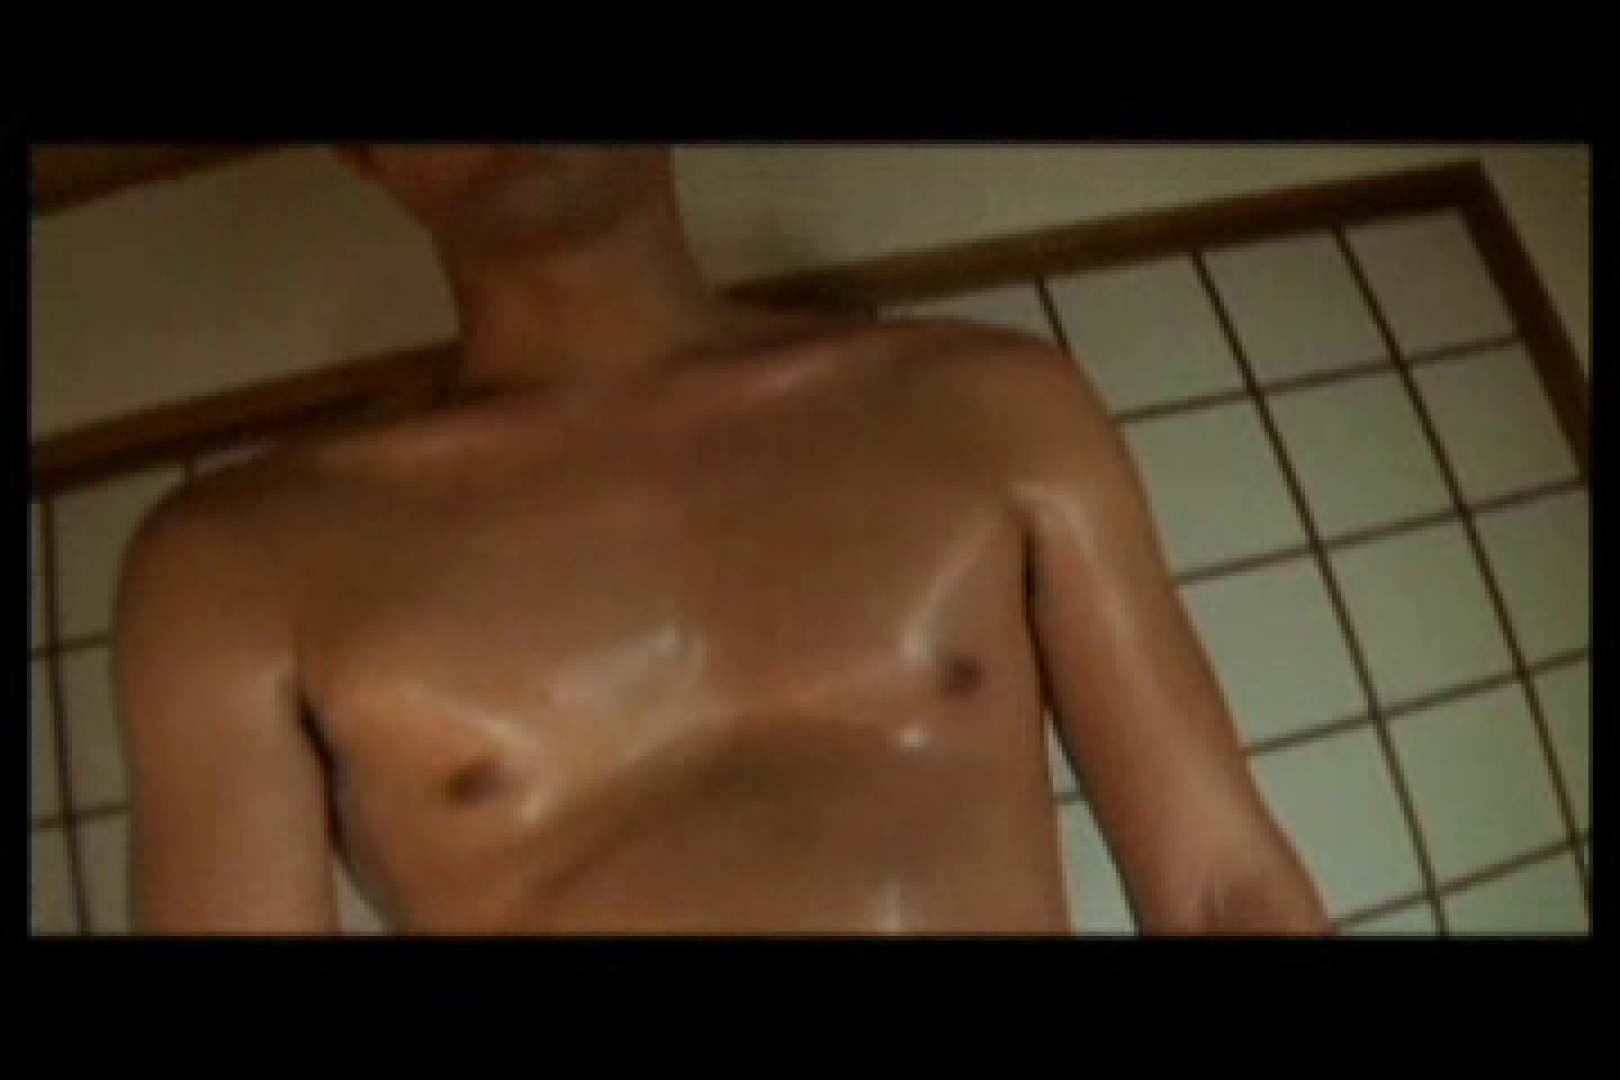 スジ筋ガチムチゴーグルマンvol2 プレイ動画 ゲイセックス画像 70pic 19